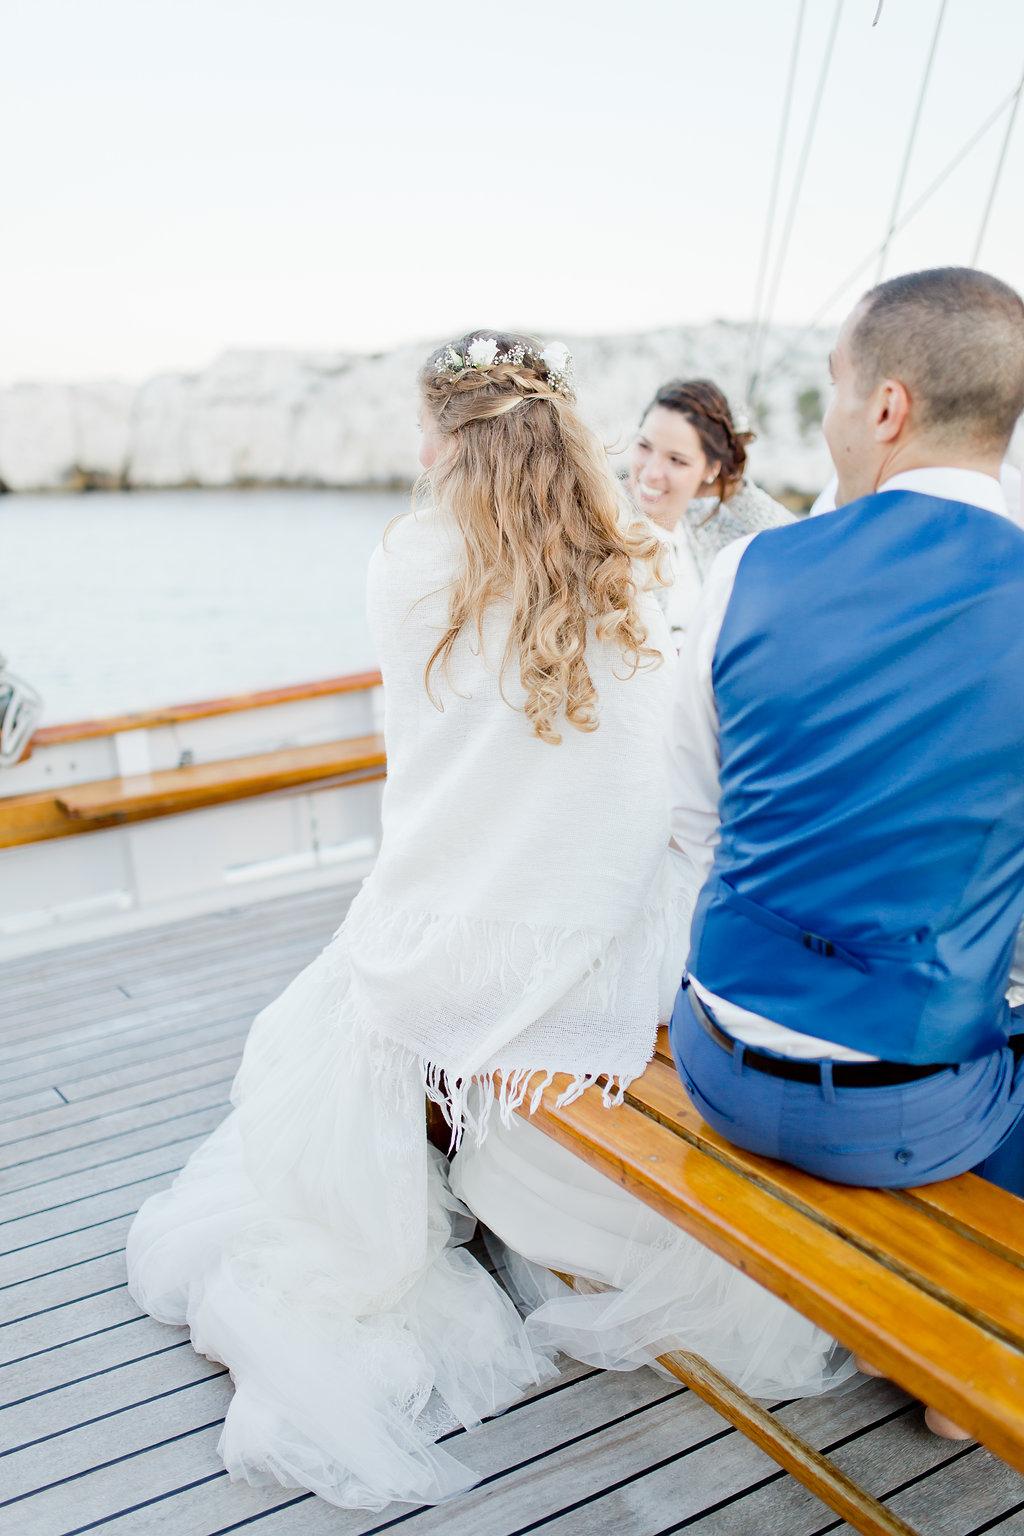 le coeur dans les etoiles - wedding planner - provence - sardaigne - shooting inspiration - mariage voilier - audrey carnoy - diner 3